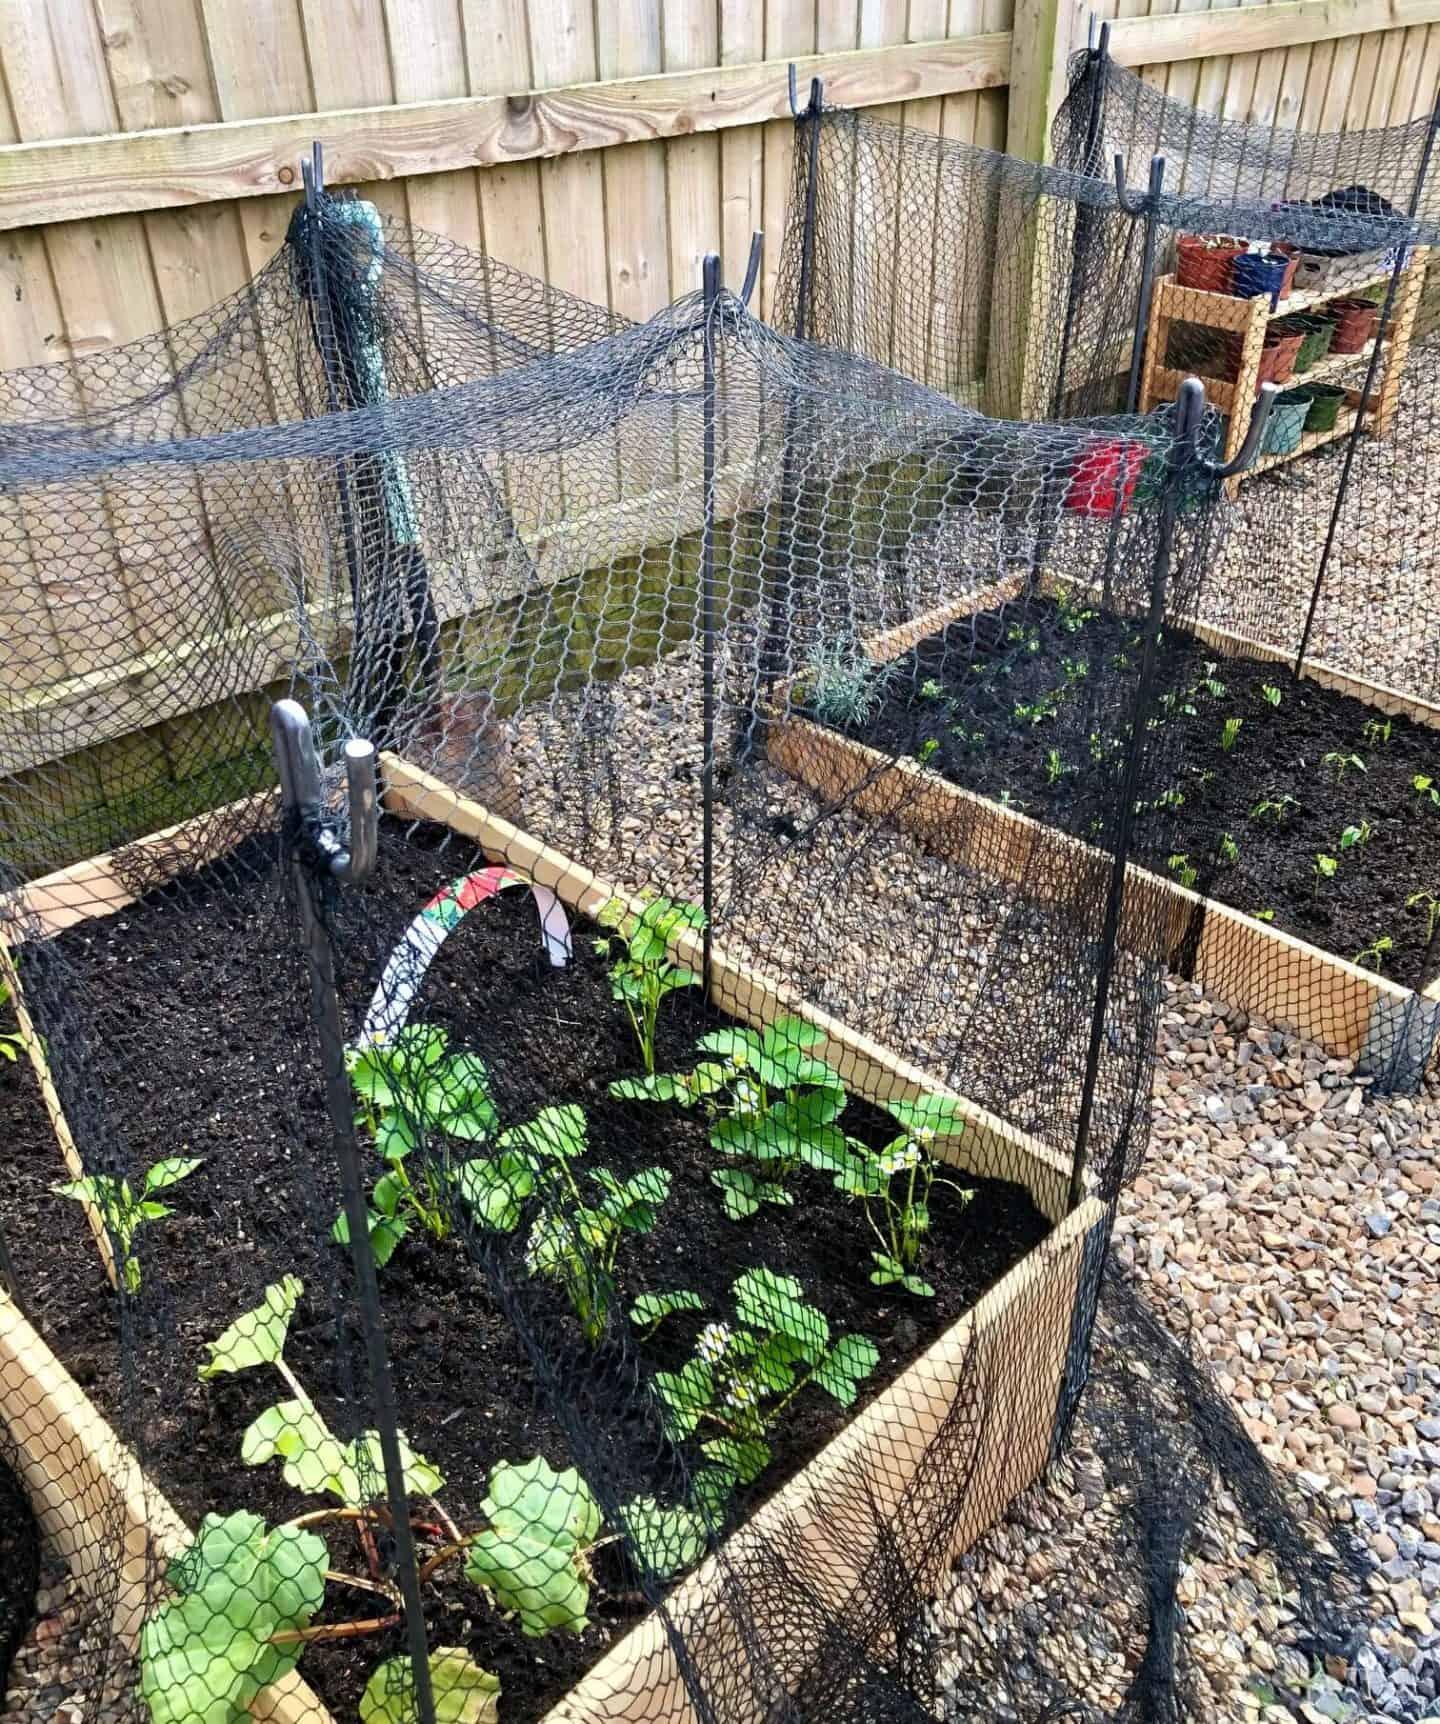 veg plots